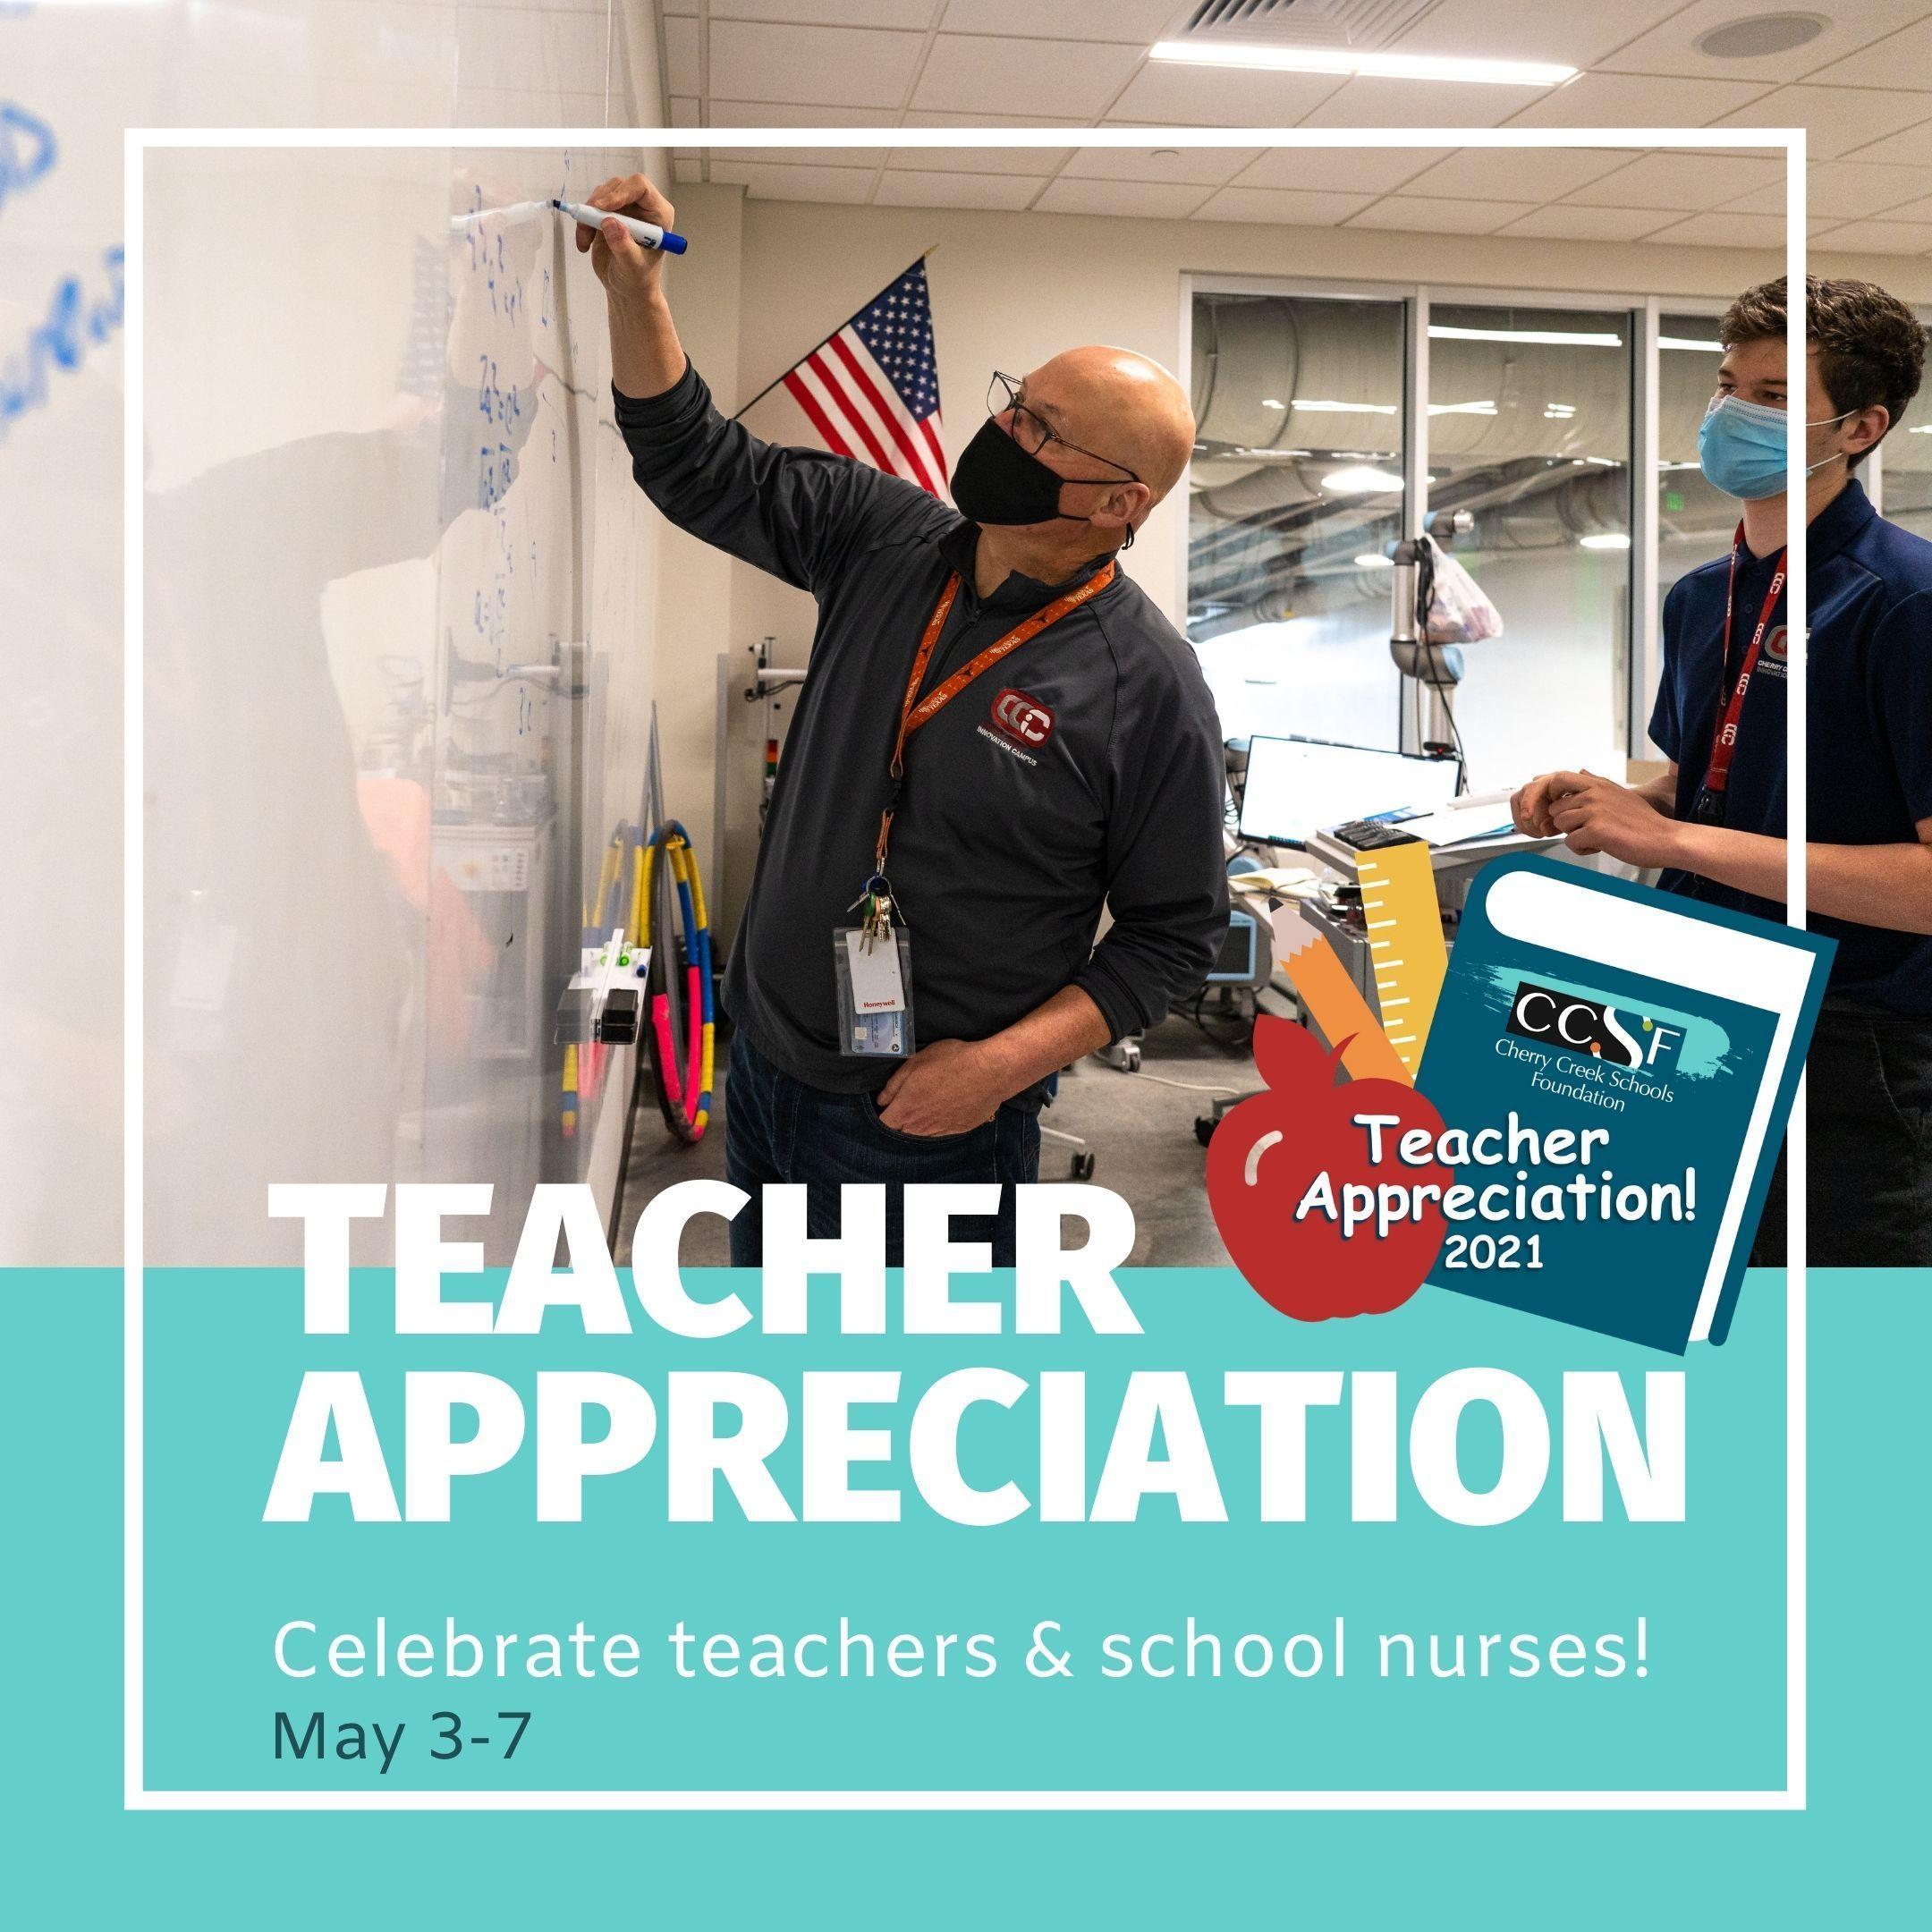 Teacher & School Nurse Appreciation